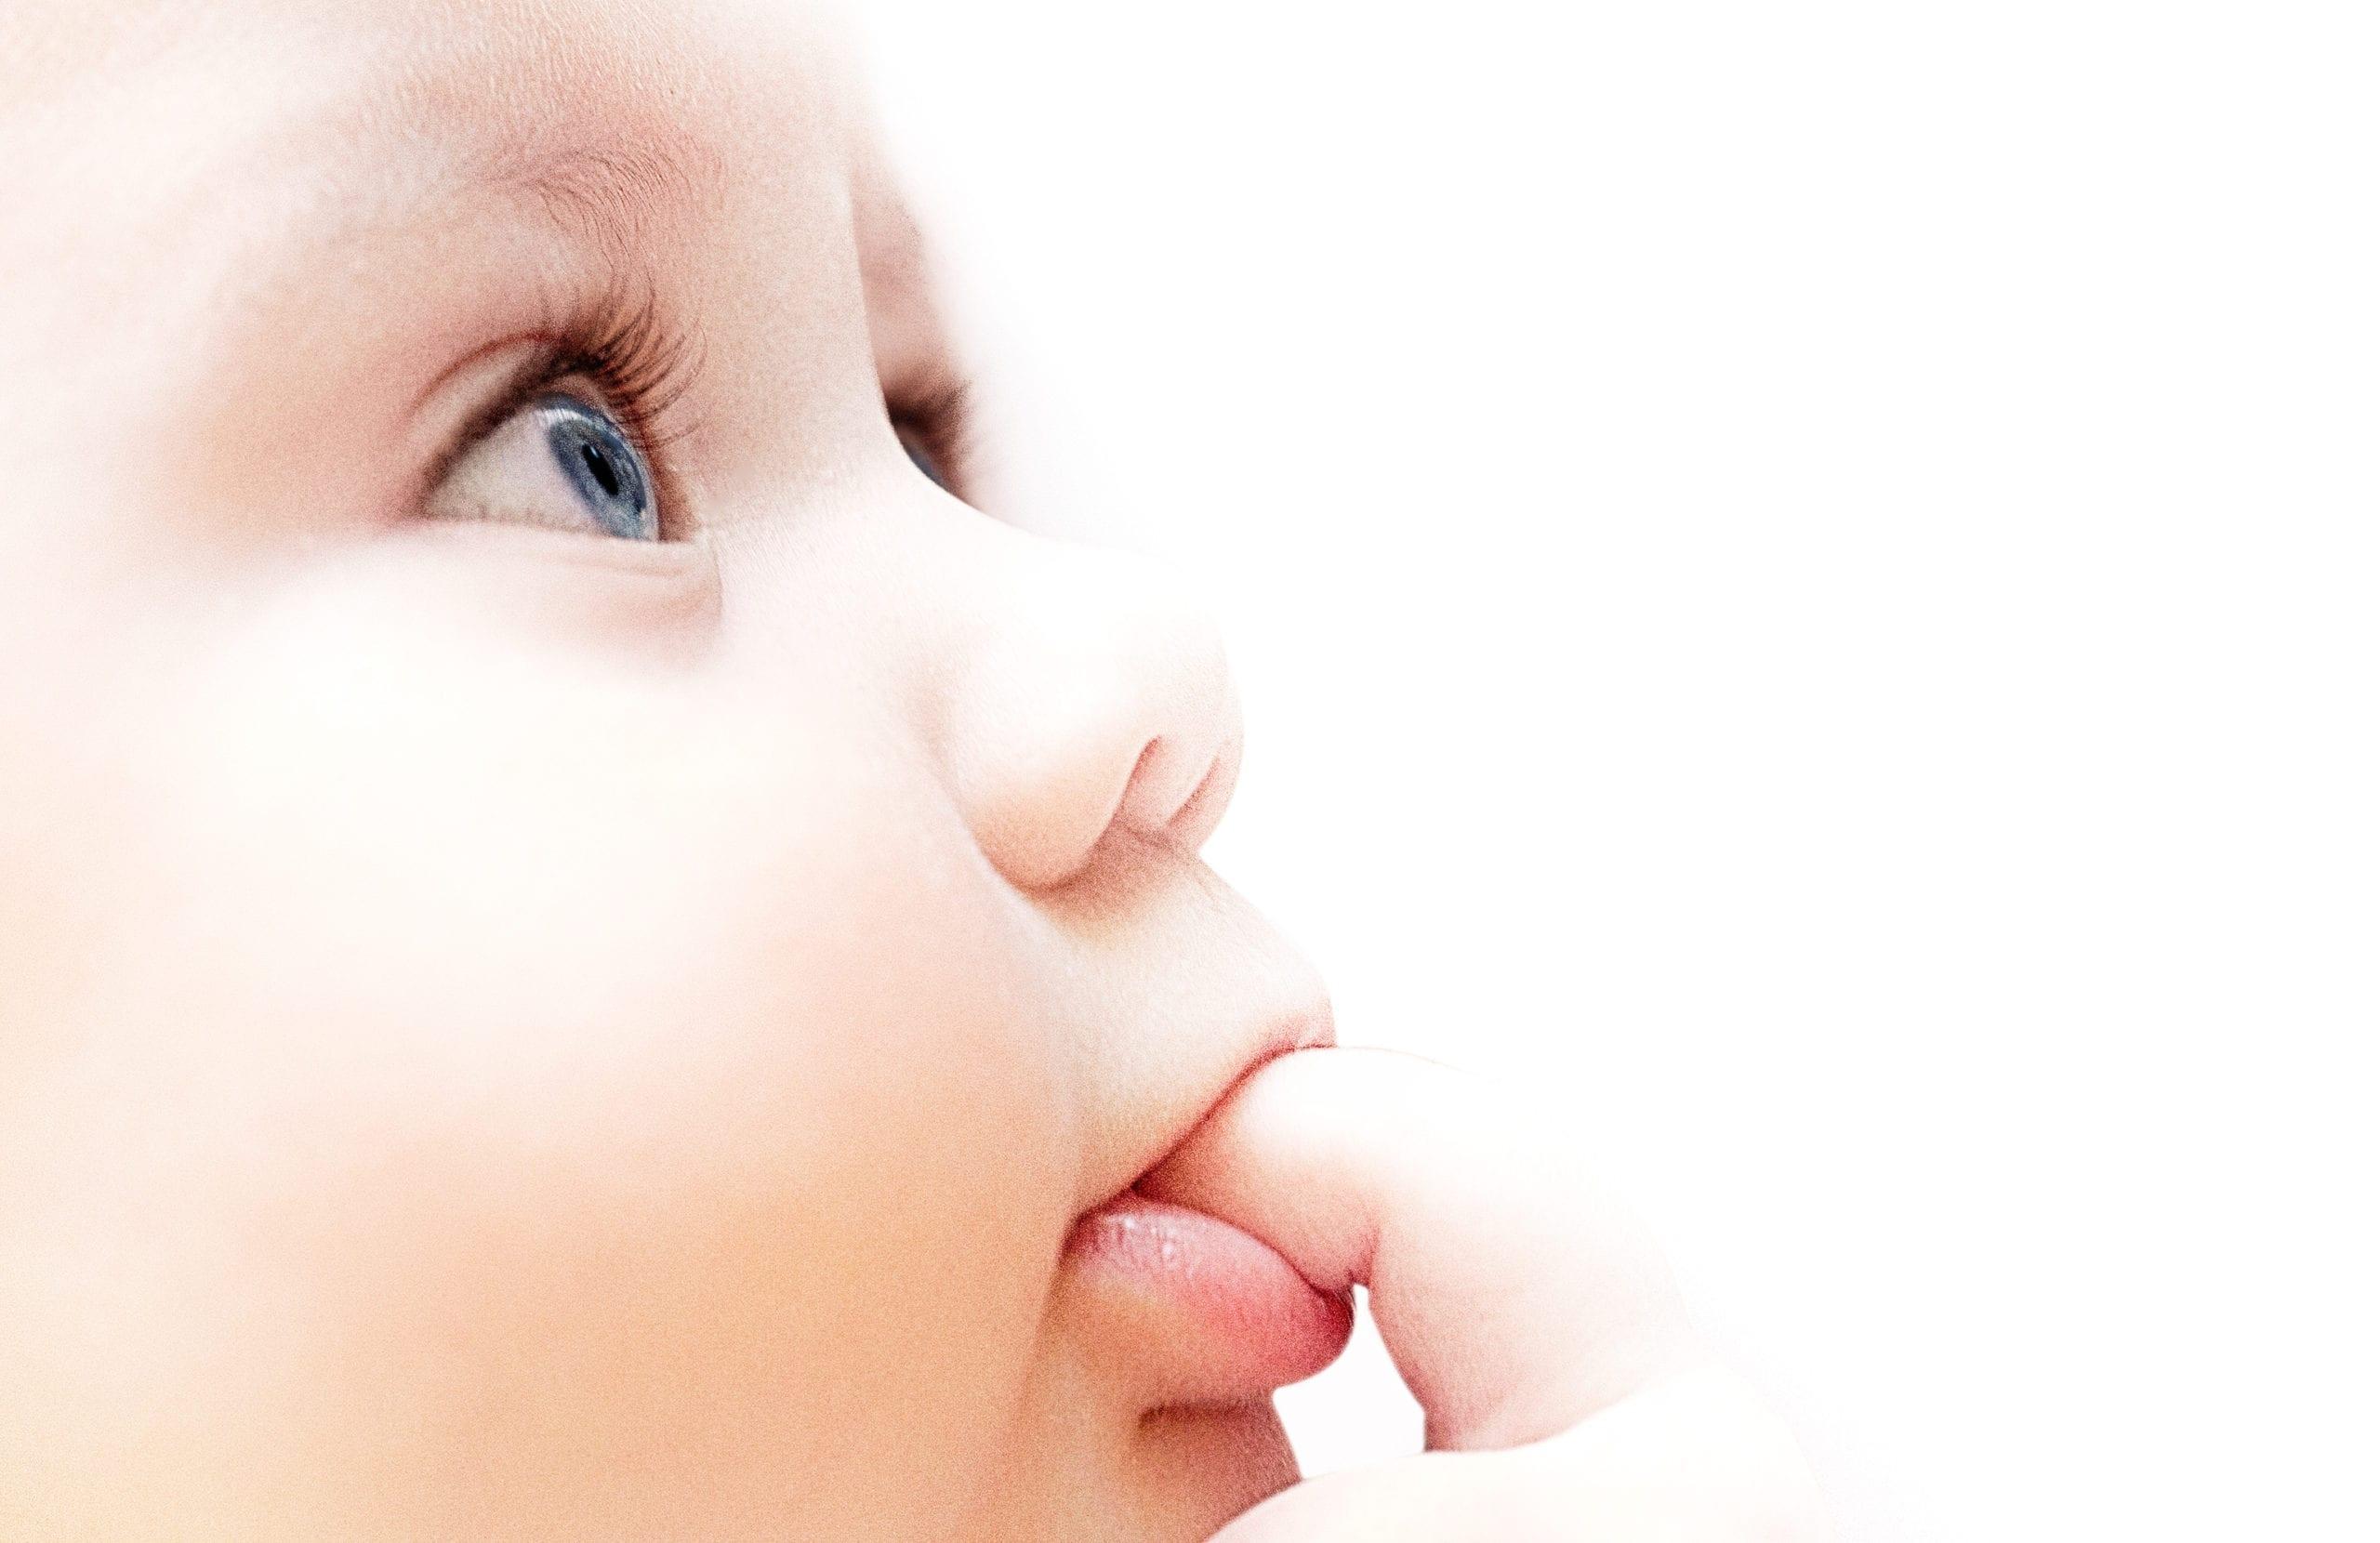 tête de bébé ayant des allergies alimentaires